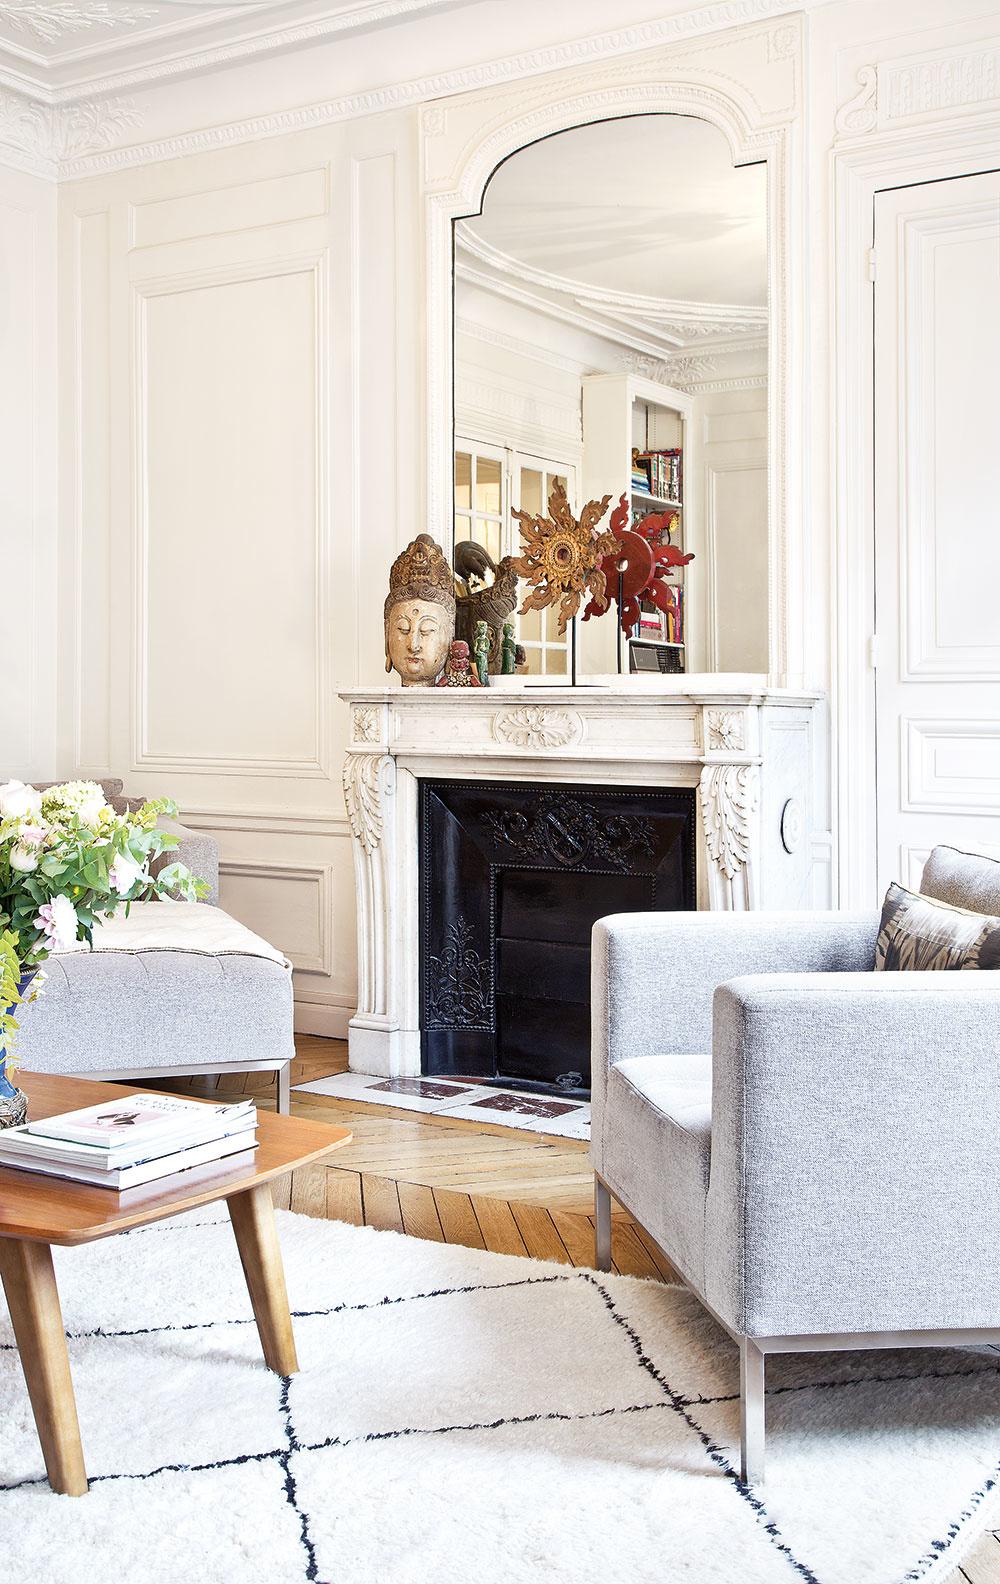 OBÝVAČKA JE ZARIADENÁ vjemných odtieňoch bielej asivej, pocit tepla jej pridáva mäkký vlnený koberec.